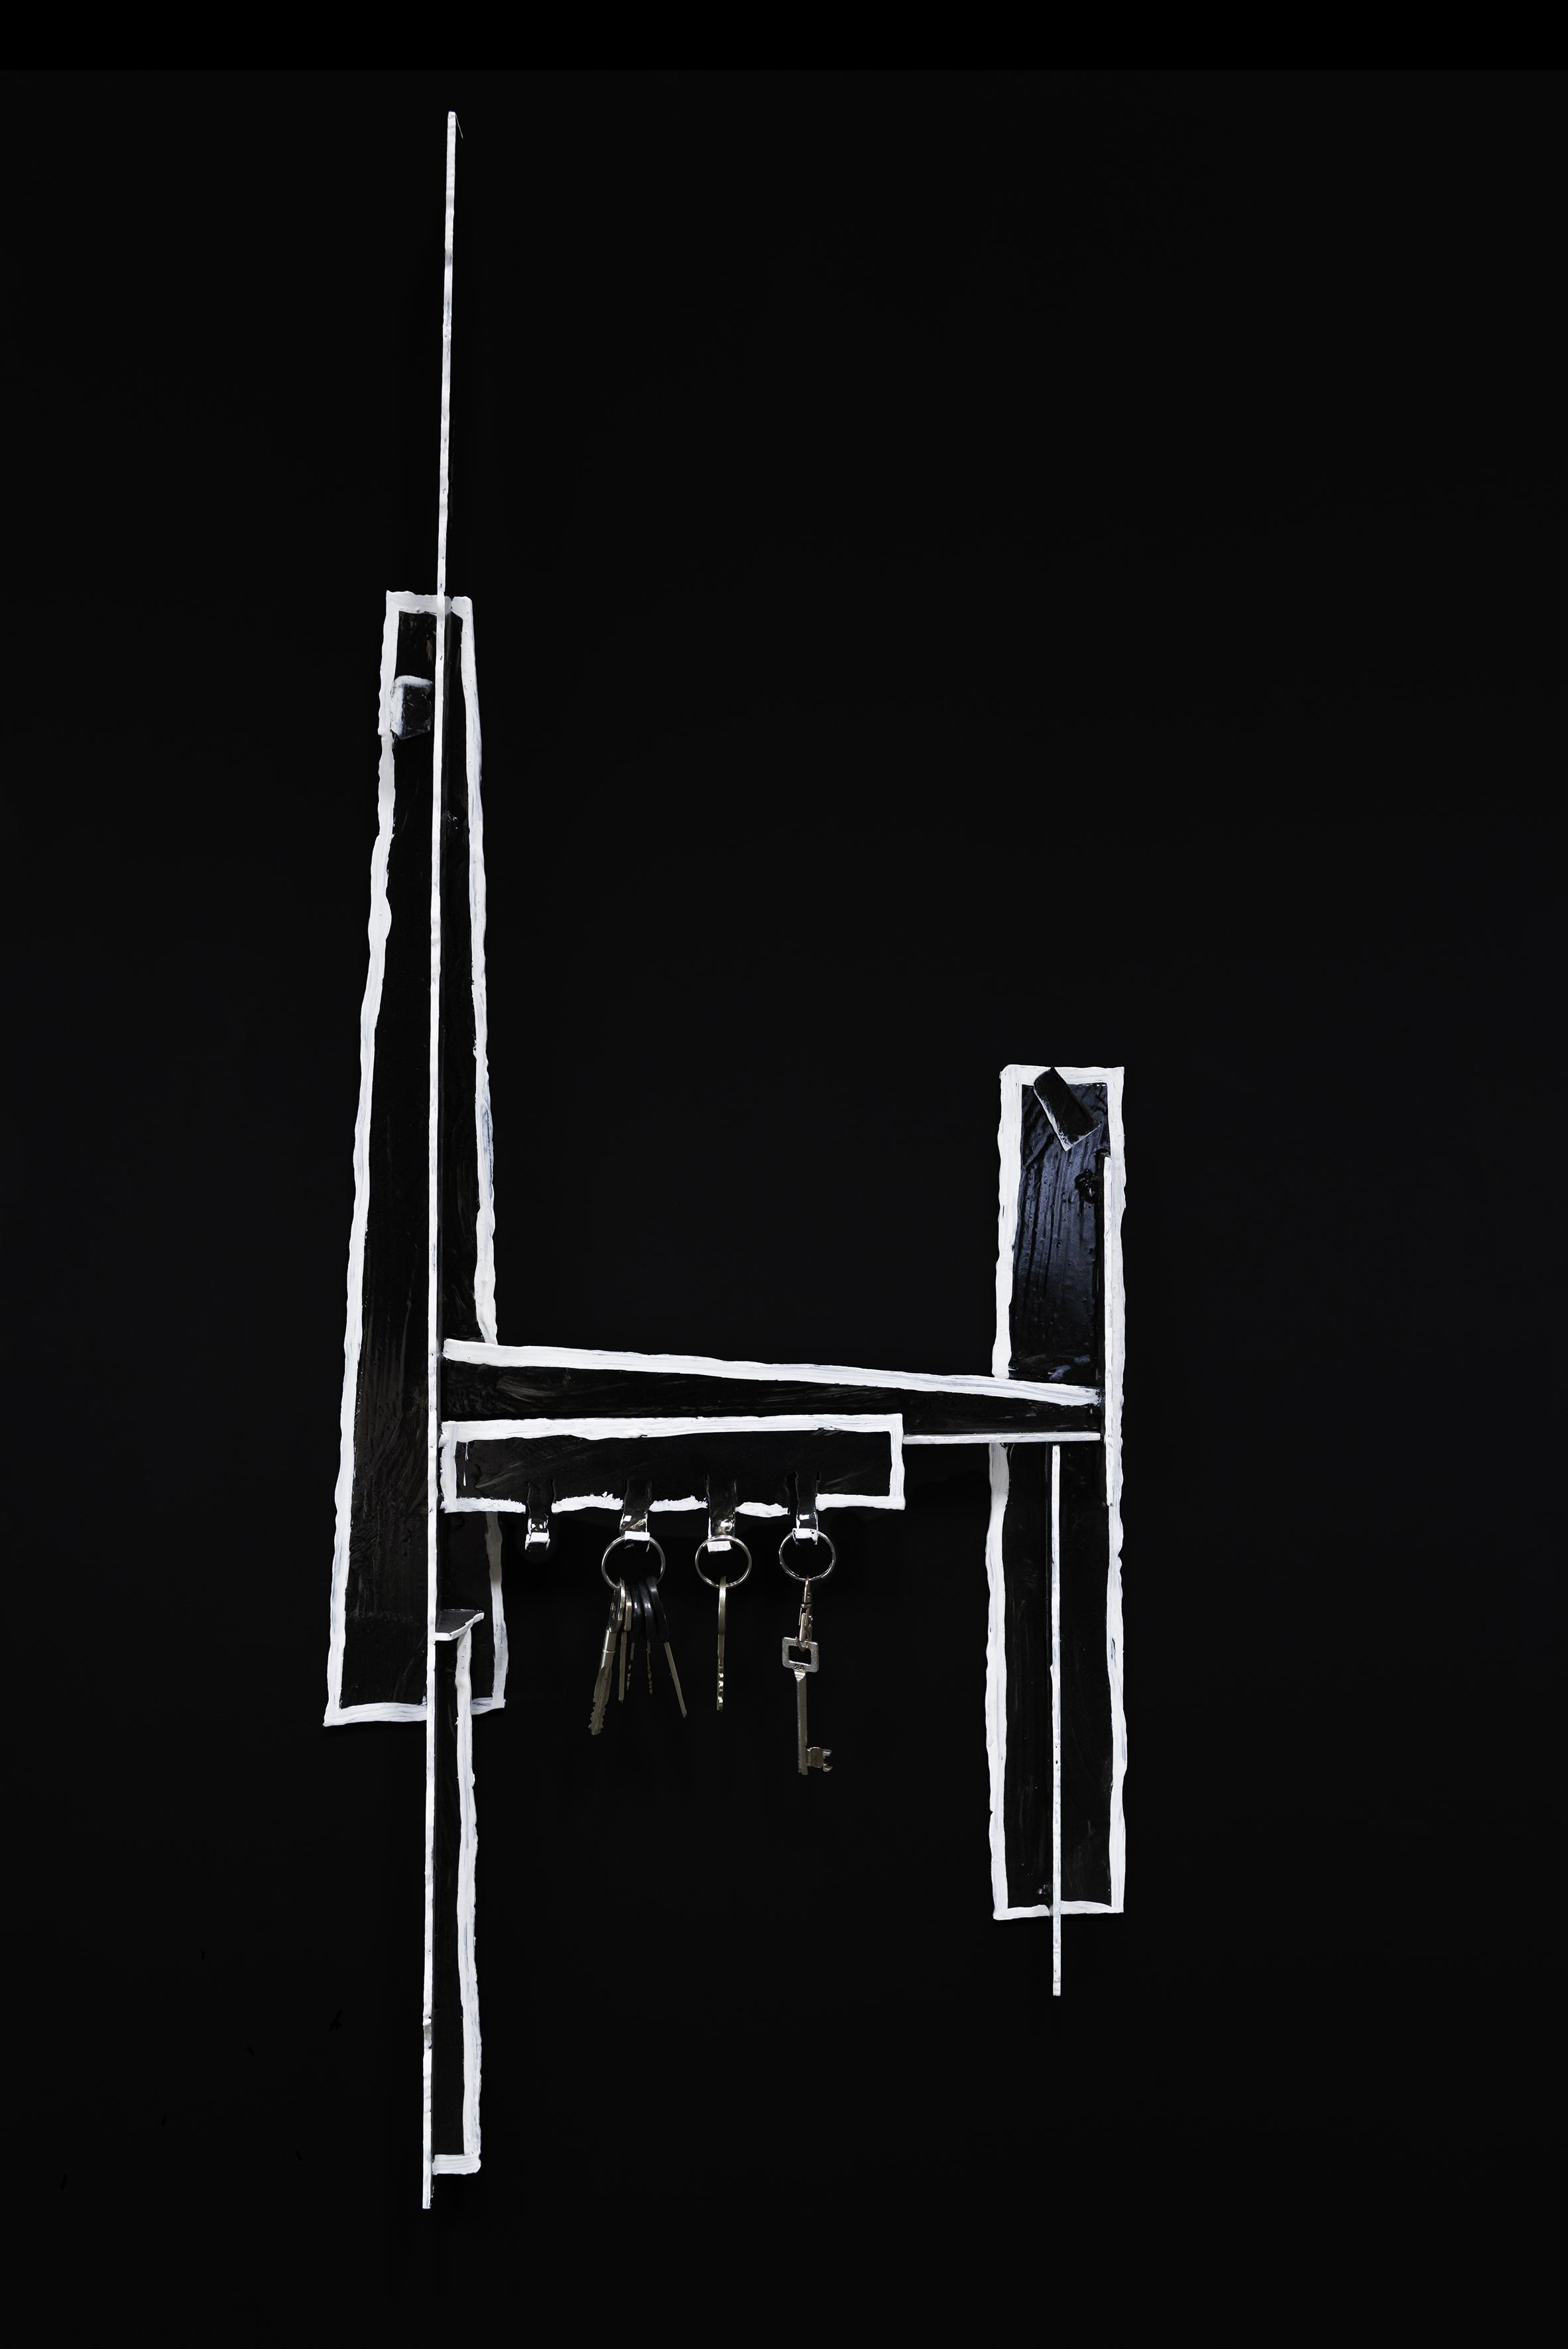 Protopunk © Joost van Bleiswijk, kinder MODERN